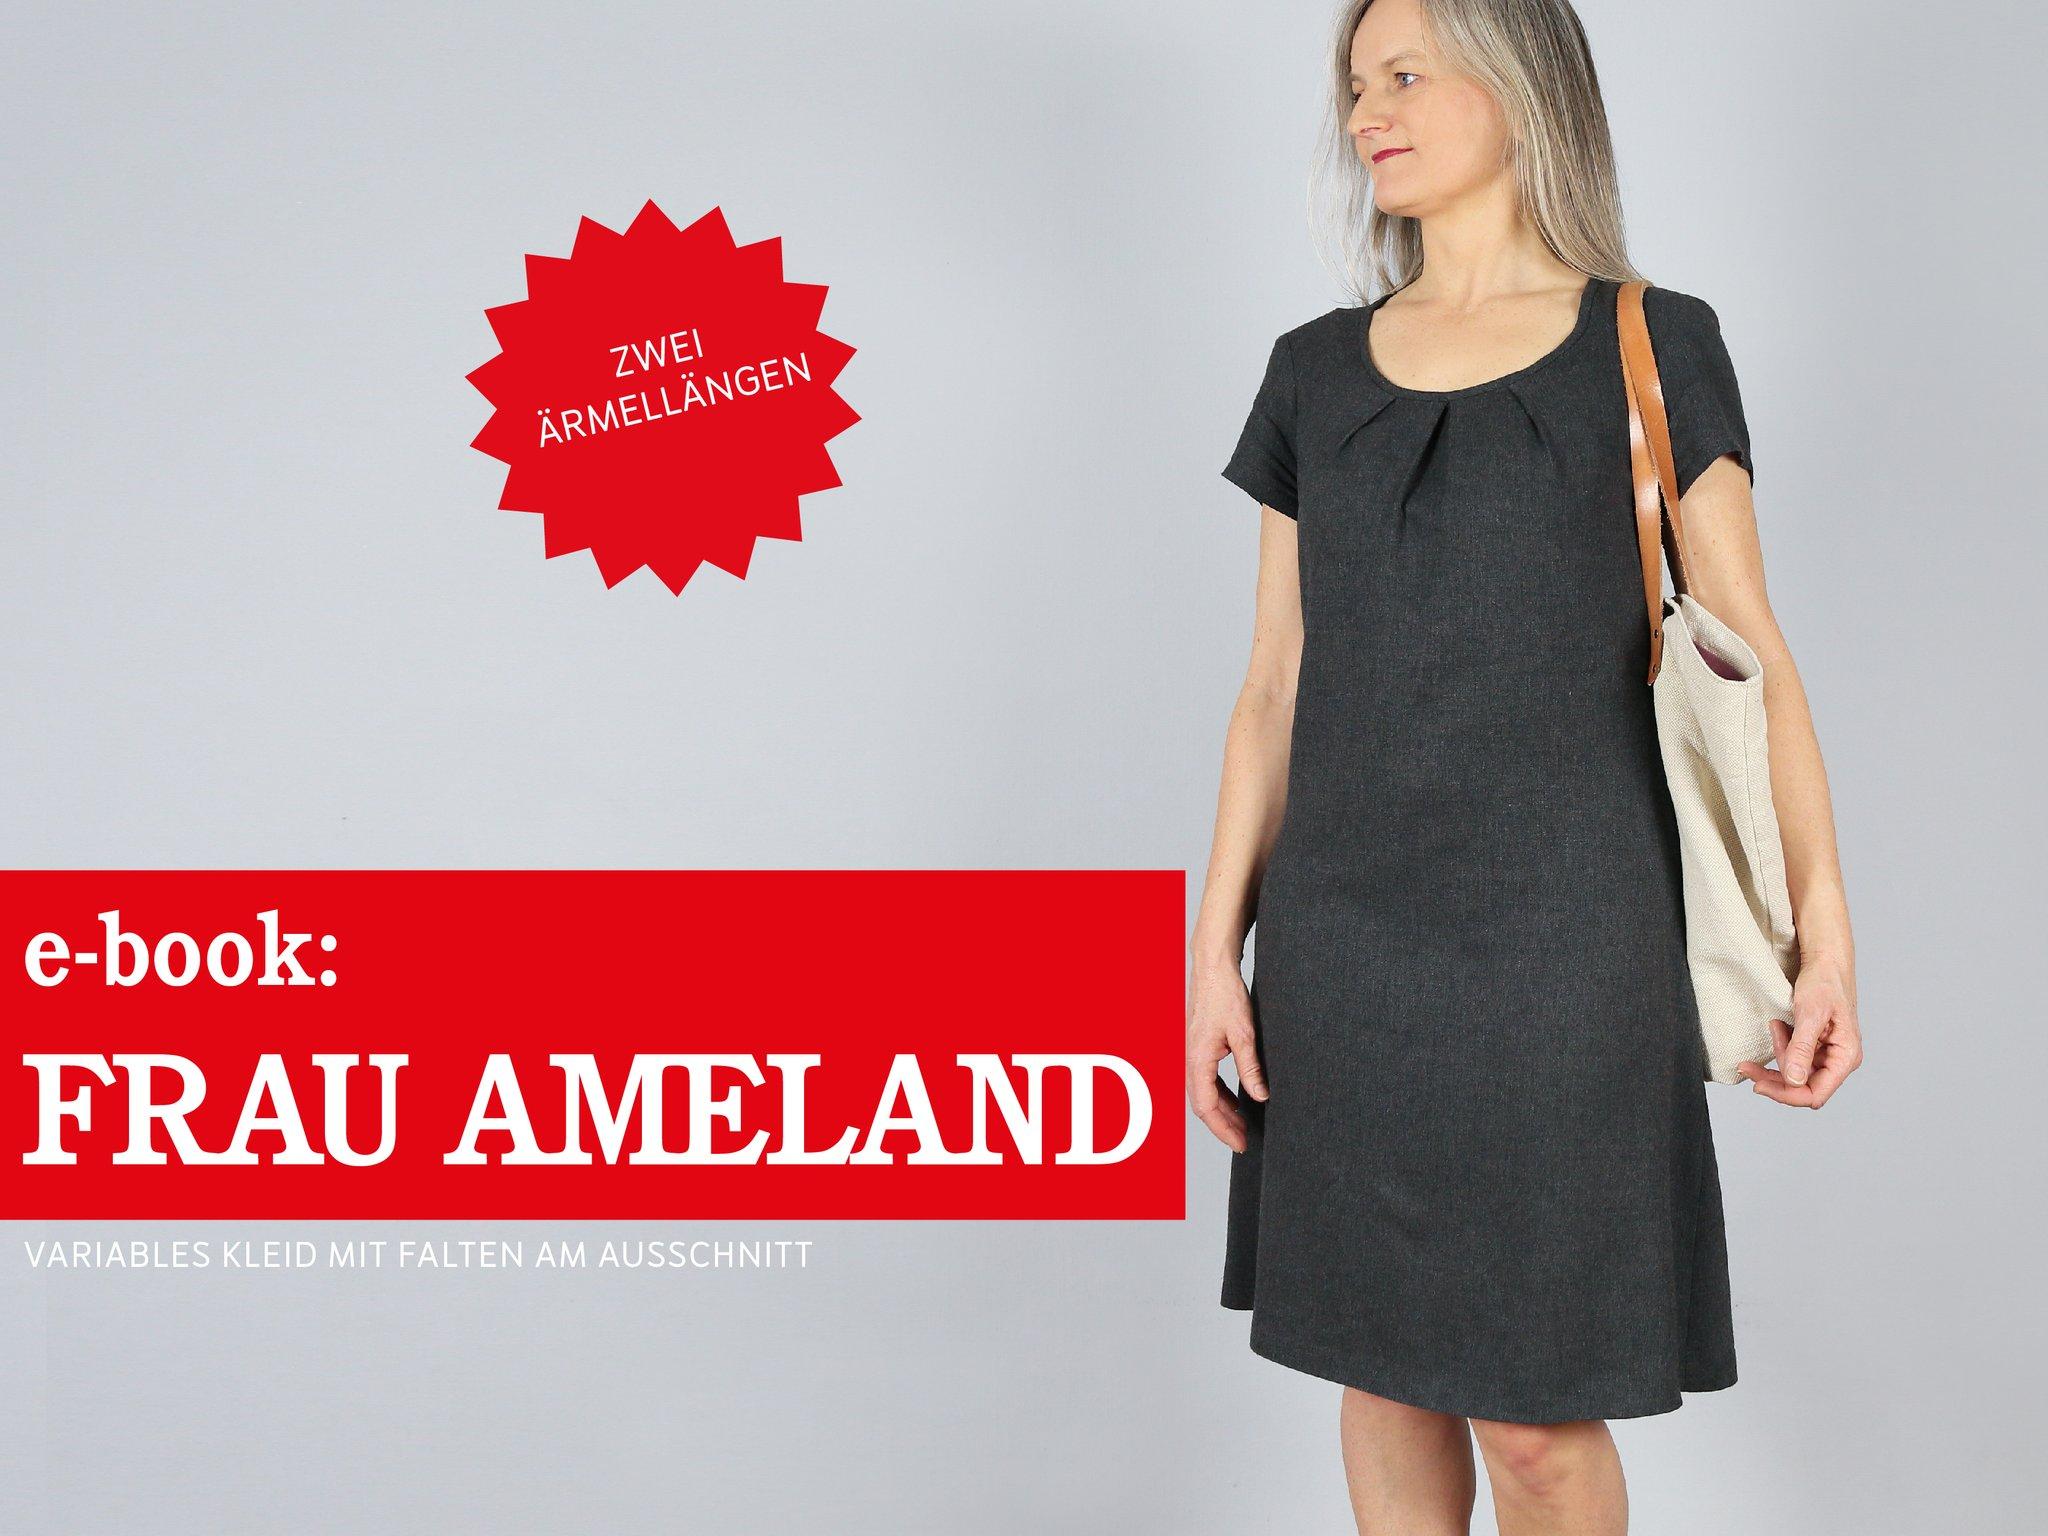 FRAU AMELAND • Kleid mit Falten am Ausschnitt, e-book